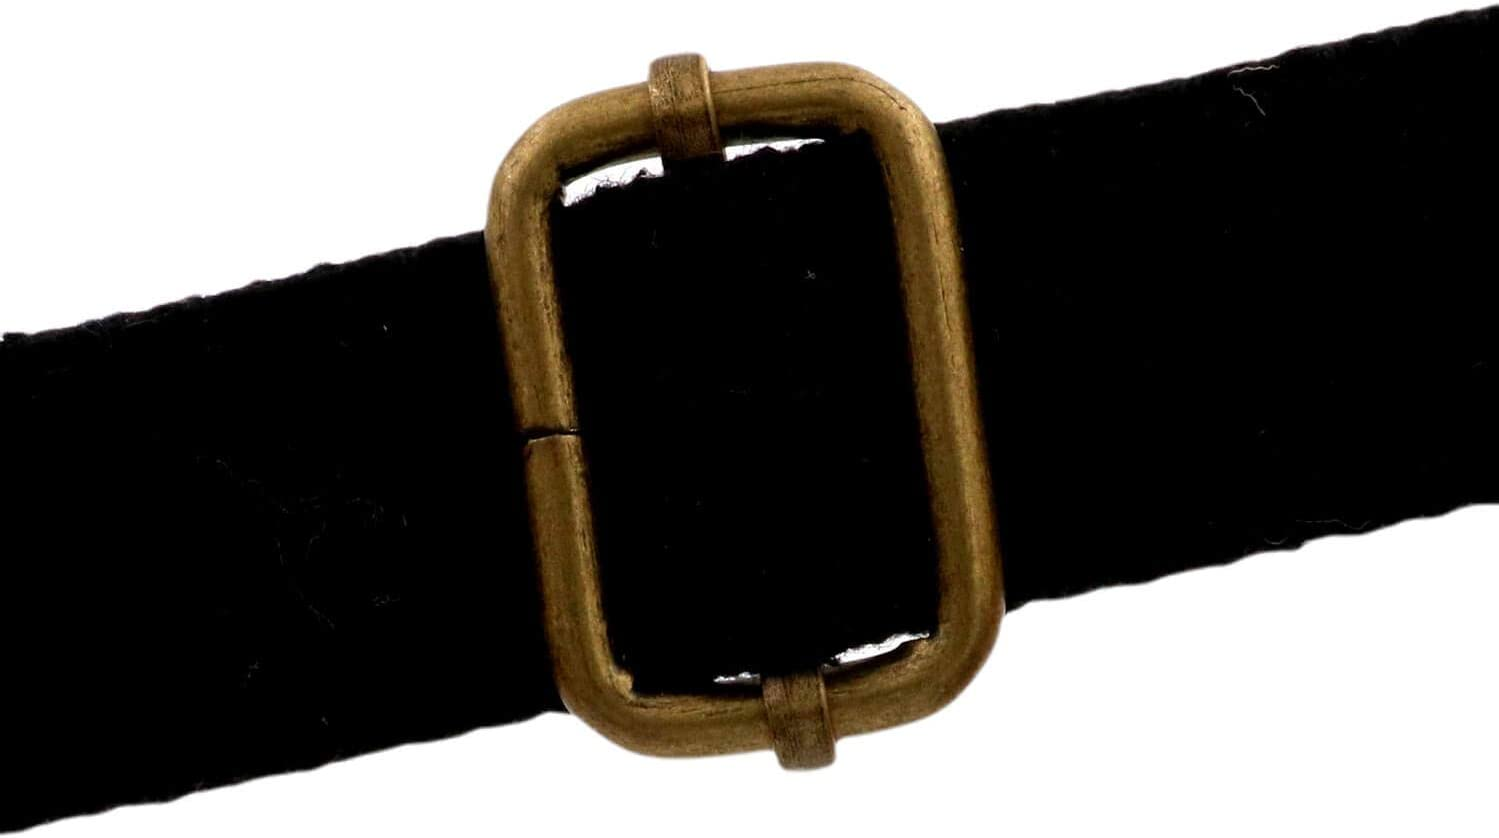 Bikicoco para correas ajustables no soldadas 1 x 0,6 pulgadas paquete de 10 unidades bronce Hebilla de ajuste deslizante de metal con barra central m/óvil